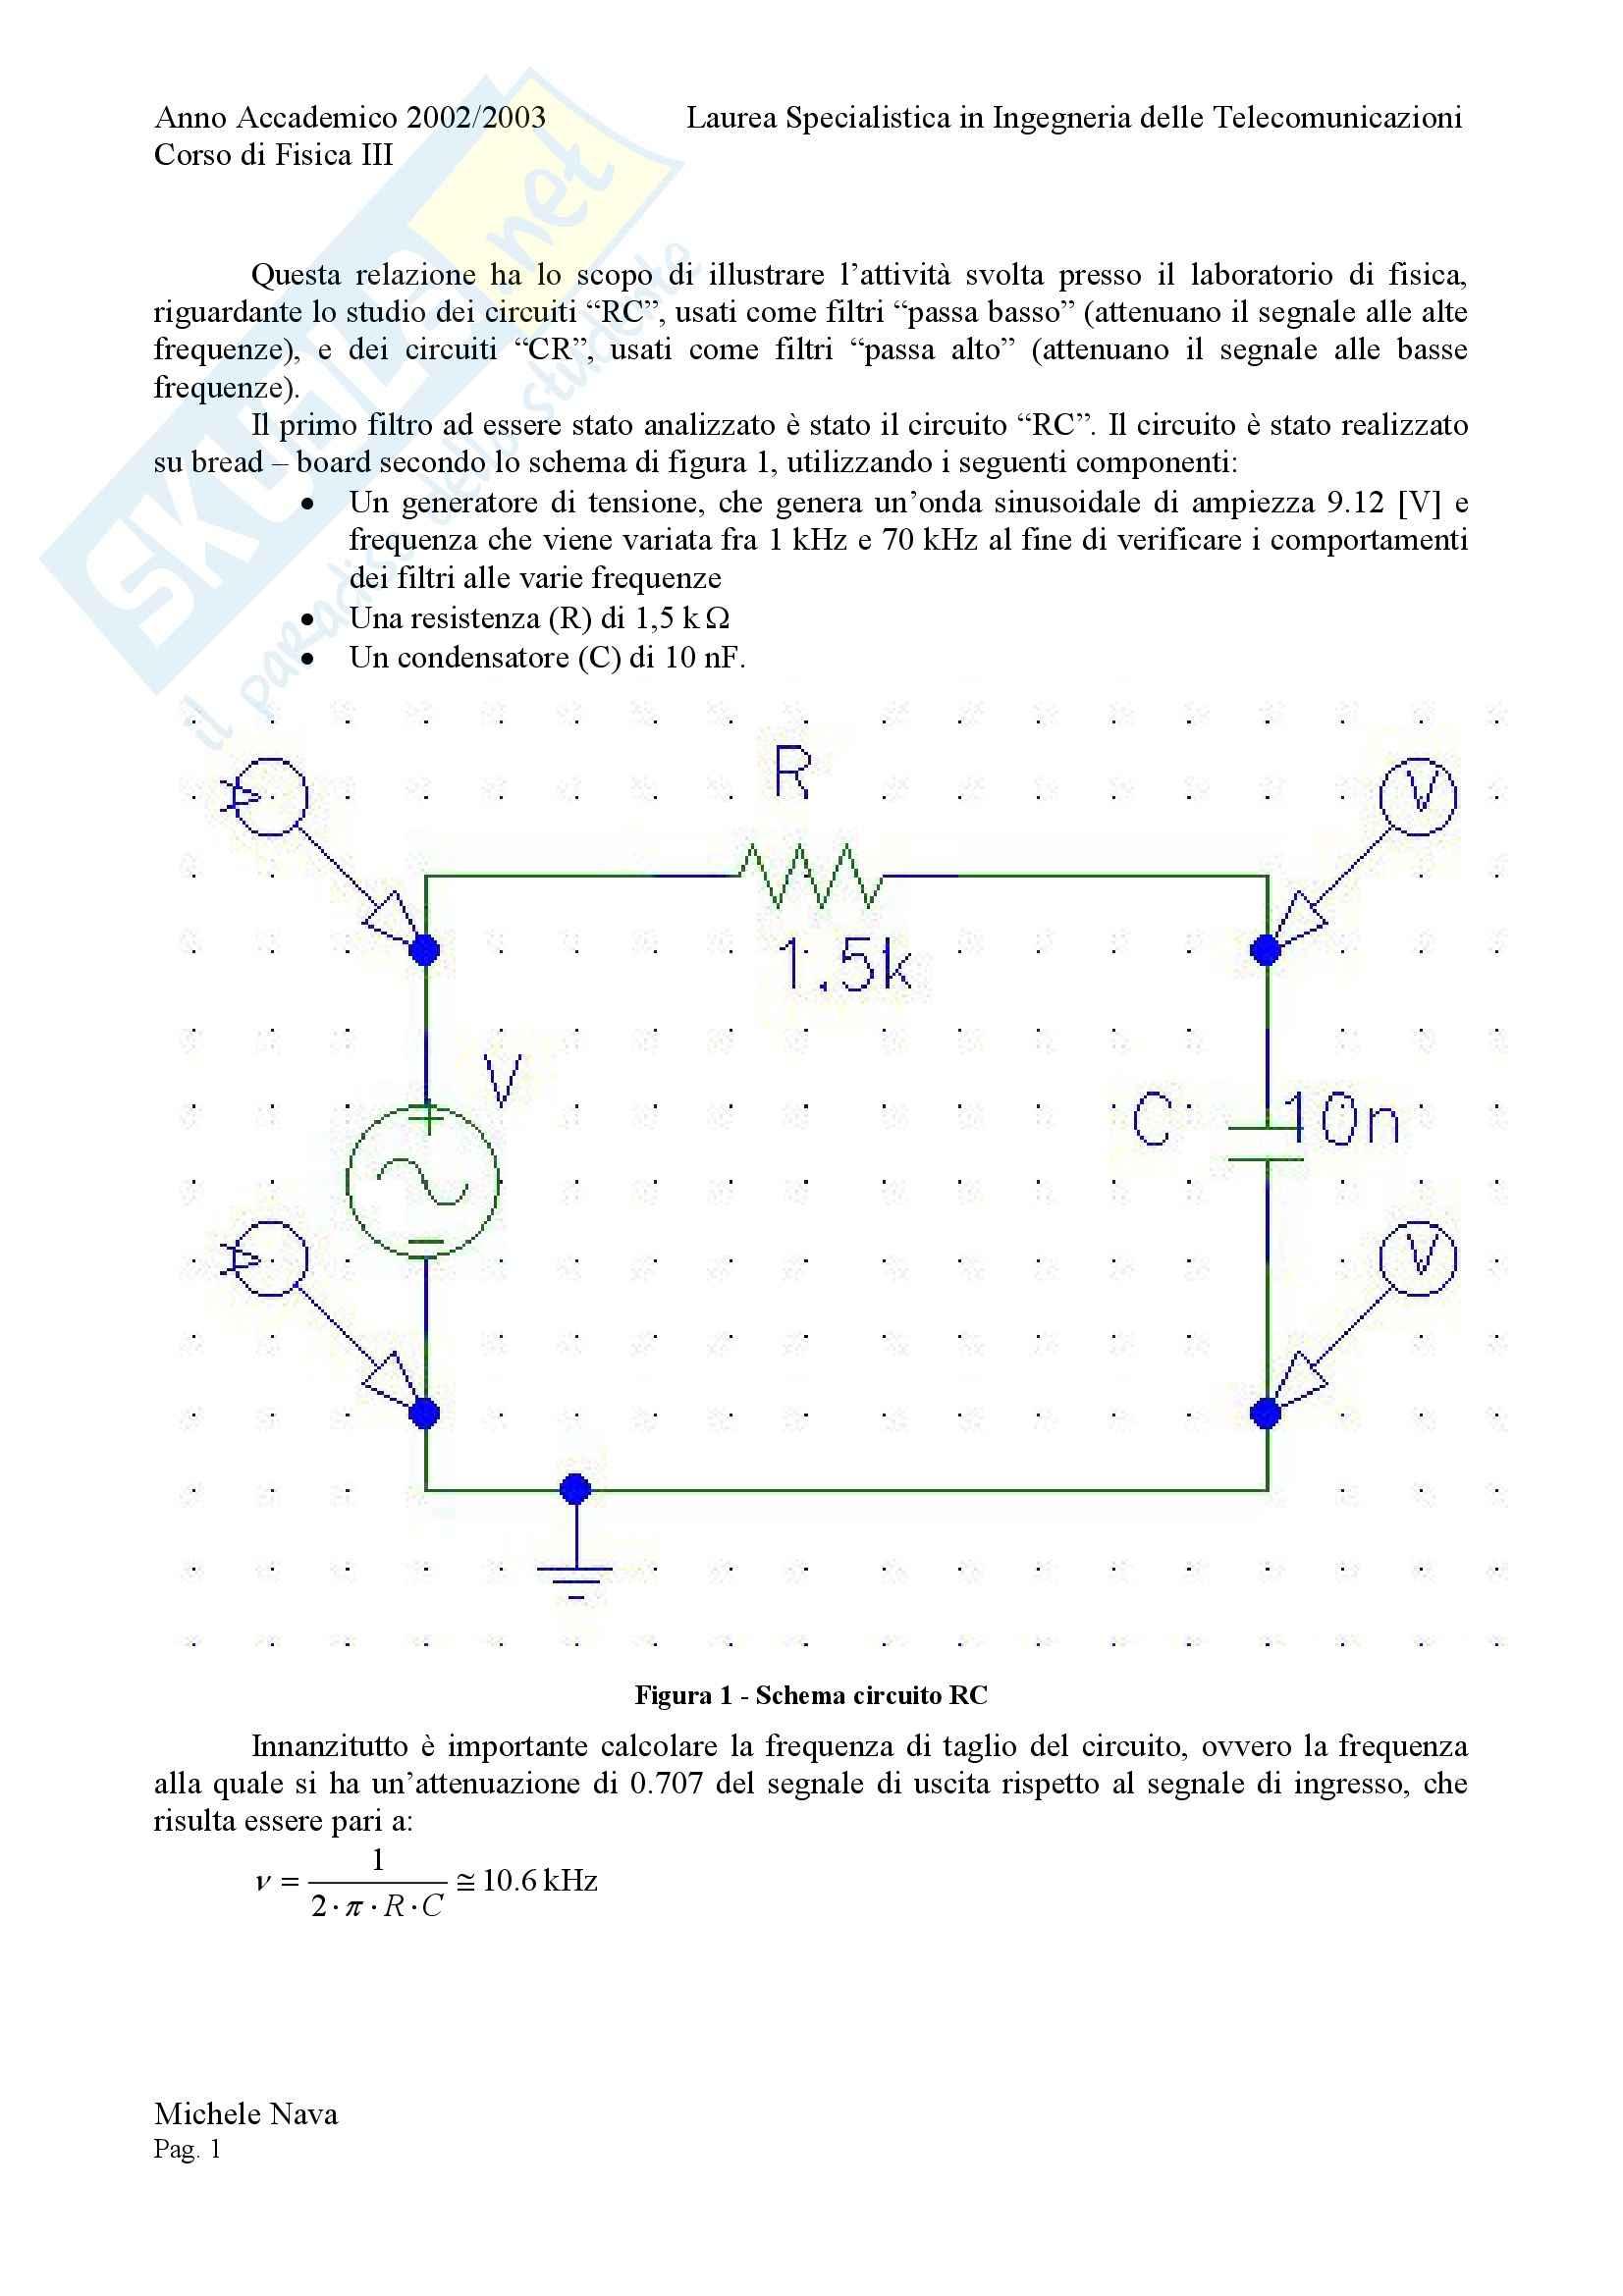 Fisica 3 - Elettrotecnica, filtri RC e CR Pag. 2